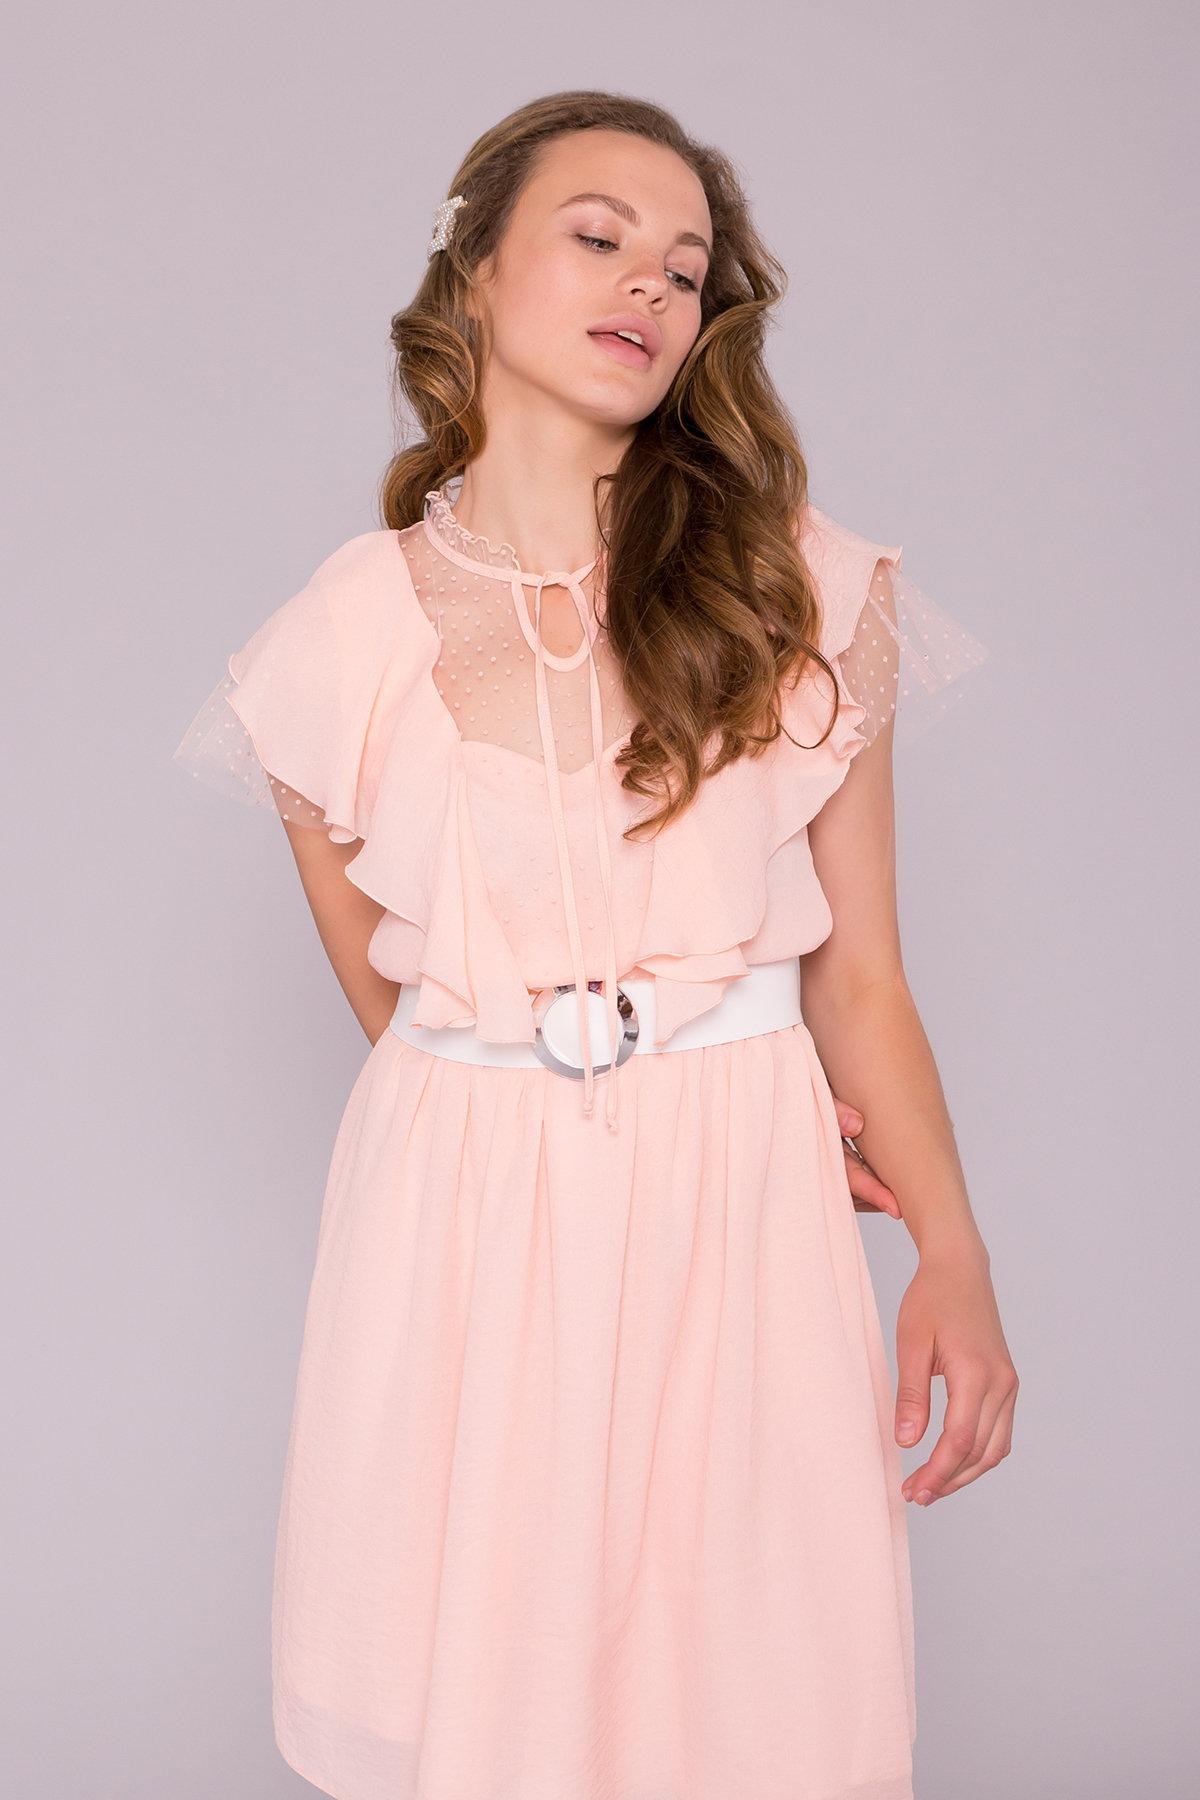 Платье Либре 7256 АРТ. 42819 Цвет: Персик 8 - фото 3, интернет магазин tm-modus.ru